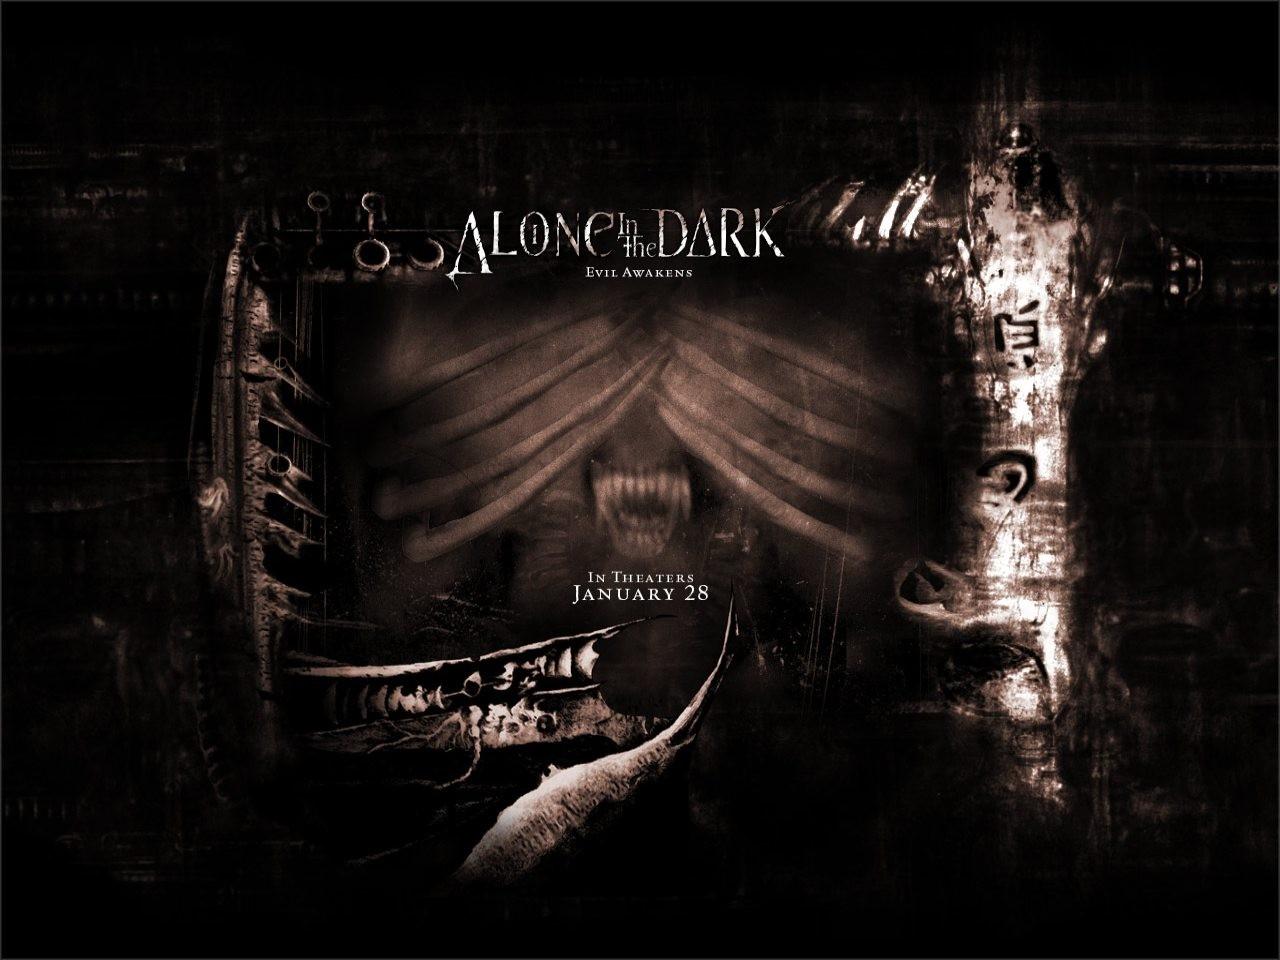 Wallpaper del film Alone in the Dark